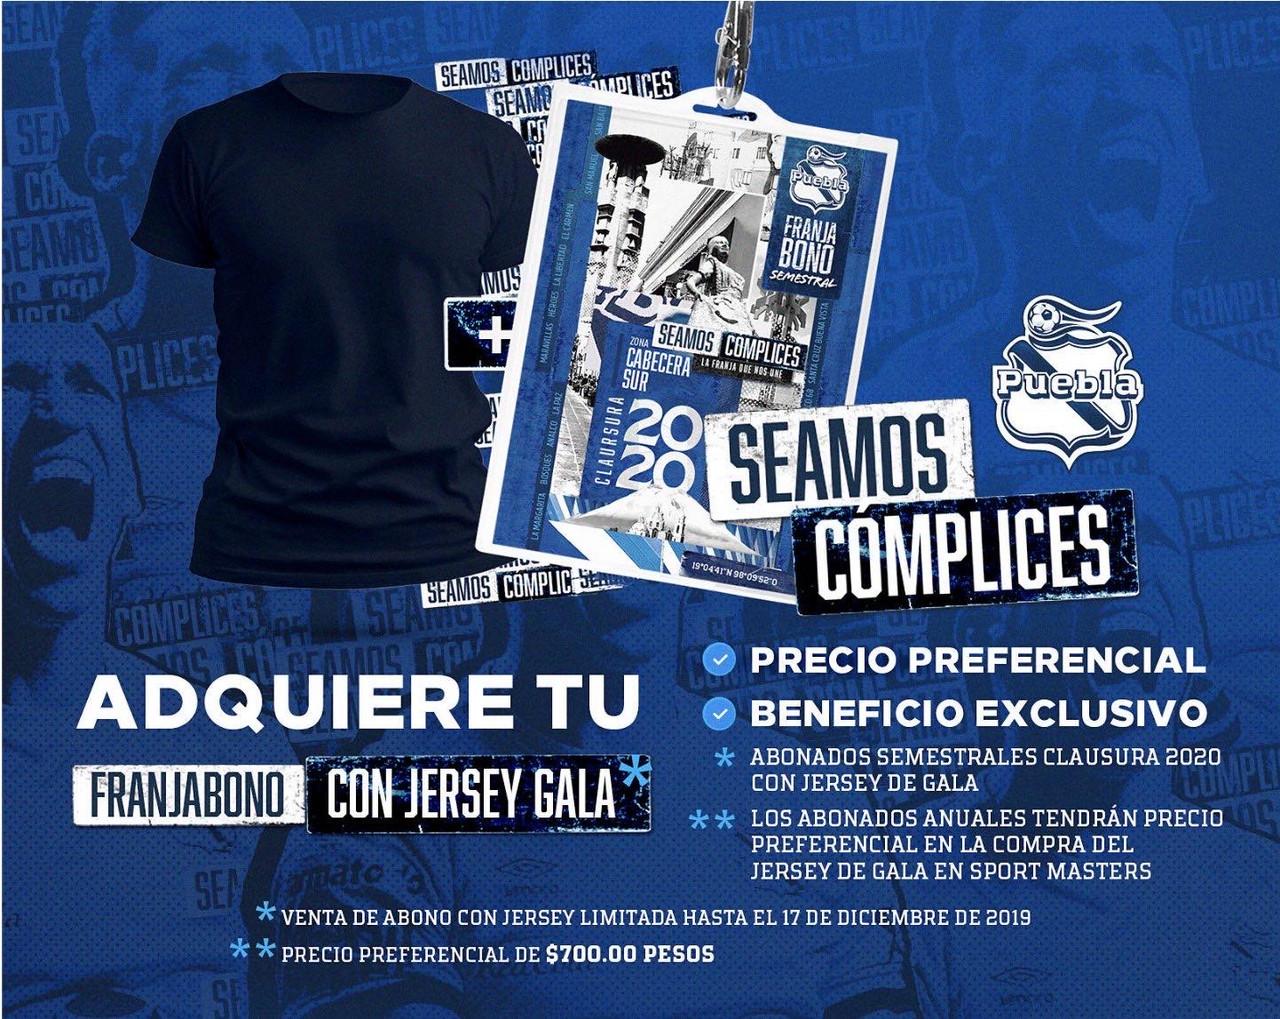 Puebla anuncia Franjabono con jersey de gala incluido